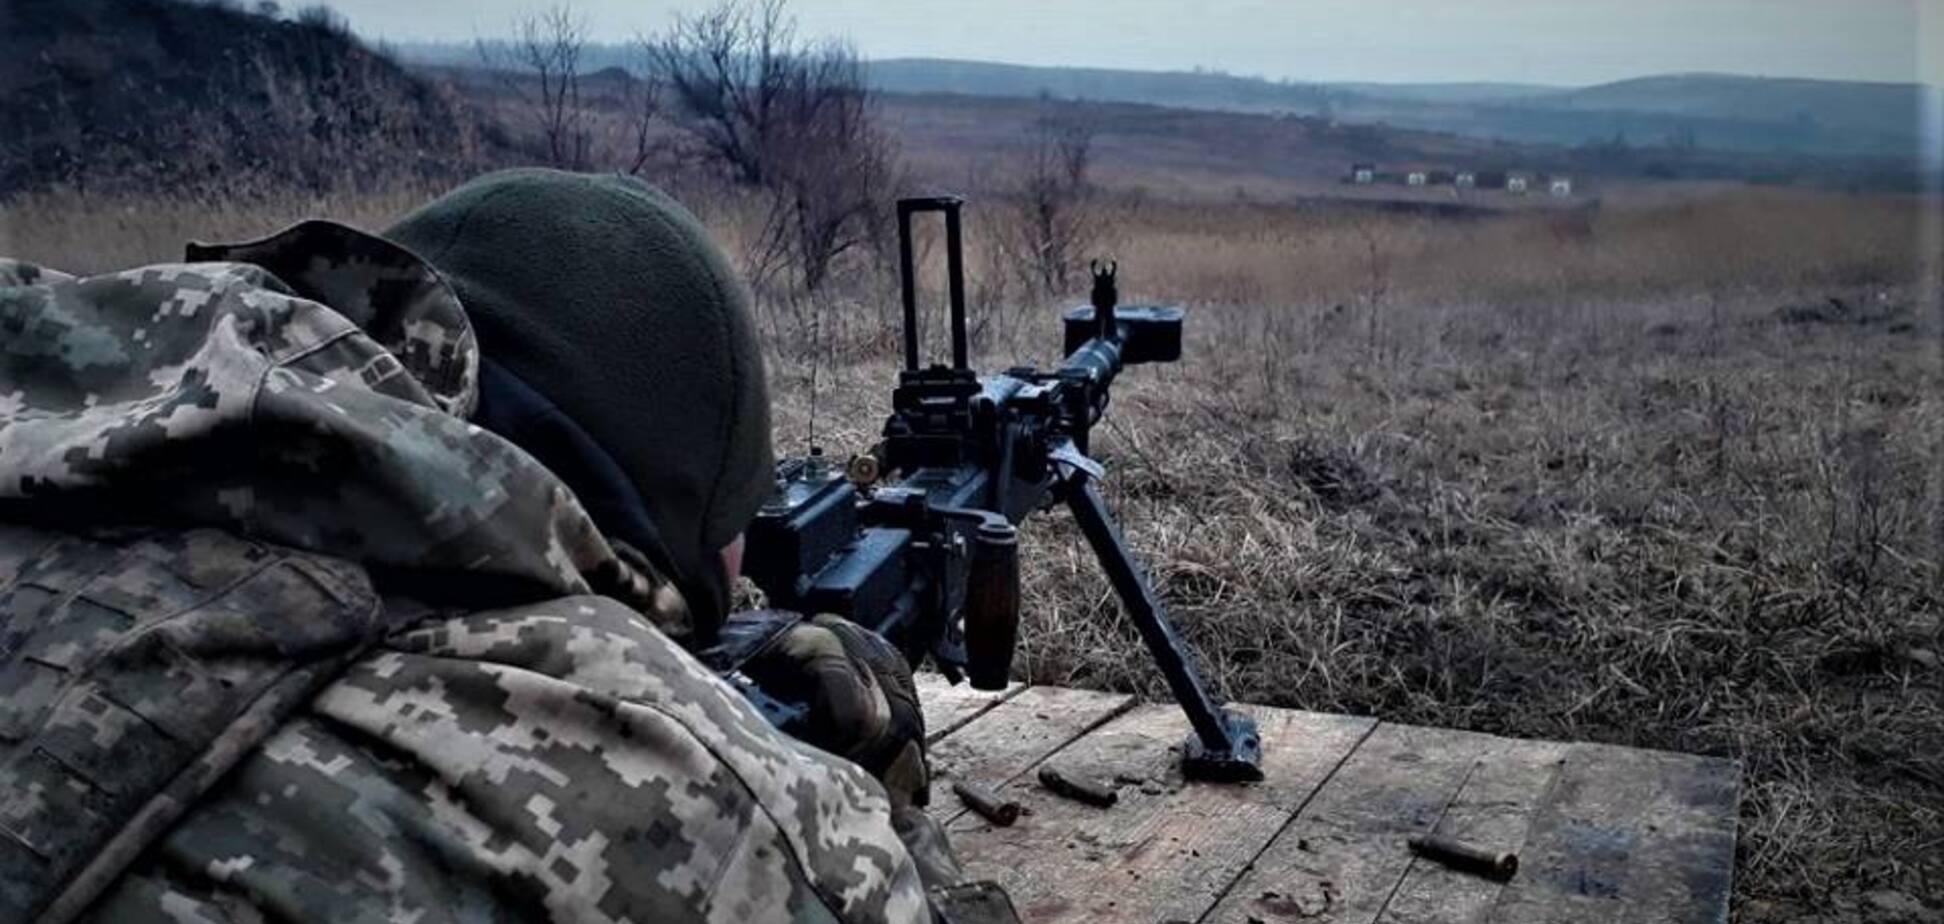 Перемир'я порушено: терористи 'ДНР' поранили бійця АТО на Донбасі